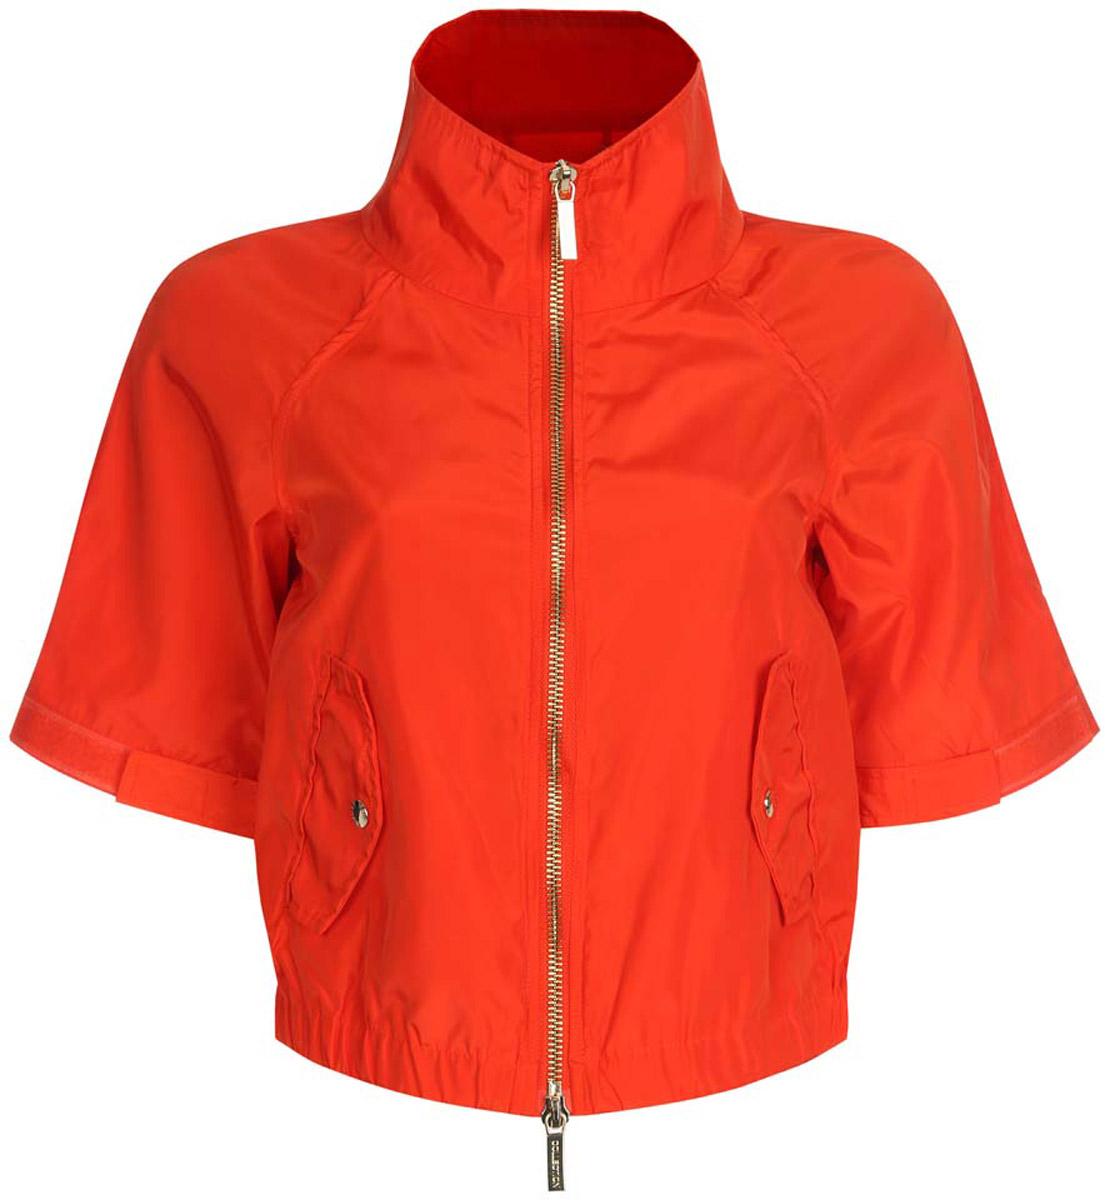 Куртка женская oodji Ultra, цвет: красный. 10307004/45462/4500N. Размер 36-170 (42-170)10307004/45462/4500NСтильная женская куртка oodji Ultra выполнена из качественного полиэстера. Куртка укороченной модели с рукавами-реглан длиной 3/4 и воротником-стойкой. Застегивается модель спереди на застежку-молнию. Низ куртки на широкой эластичной резинке. По бокам и на манжетах изделие дополнено хлястиками, которые регулируют посадку и объем с помощью липучек. Спереди куртка оформлена двумя втачными карманами с клапанами на кнопках.